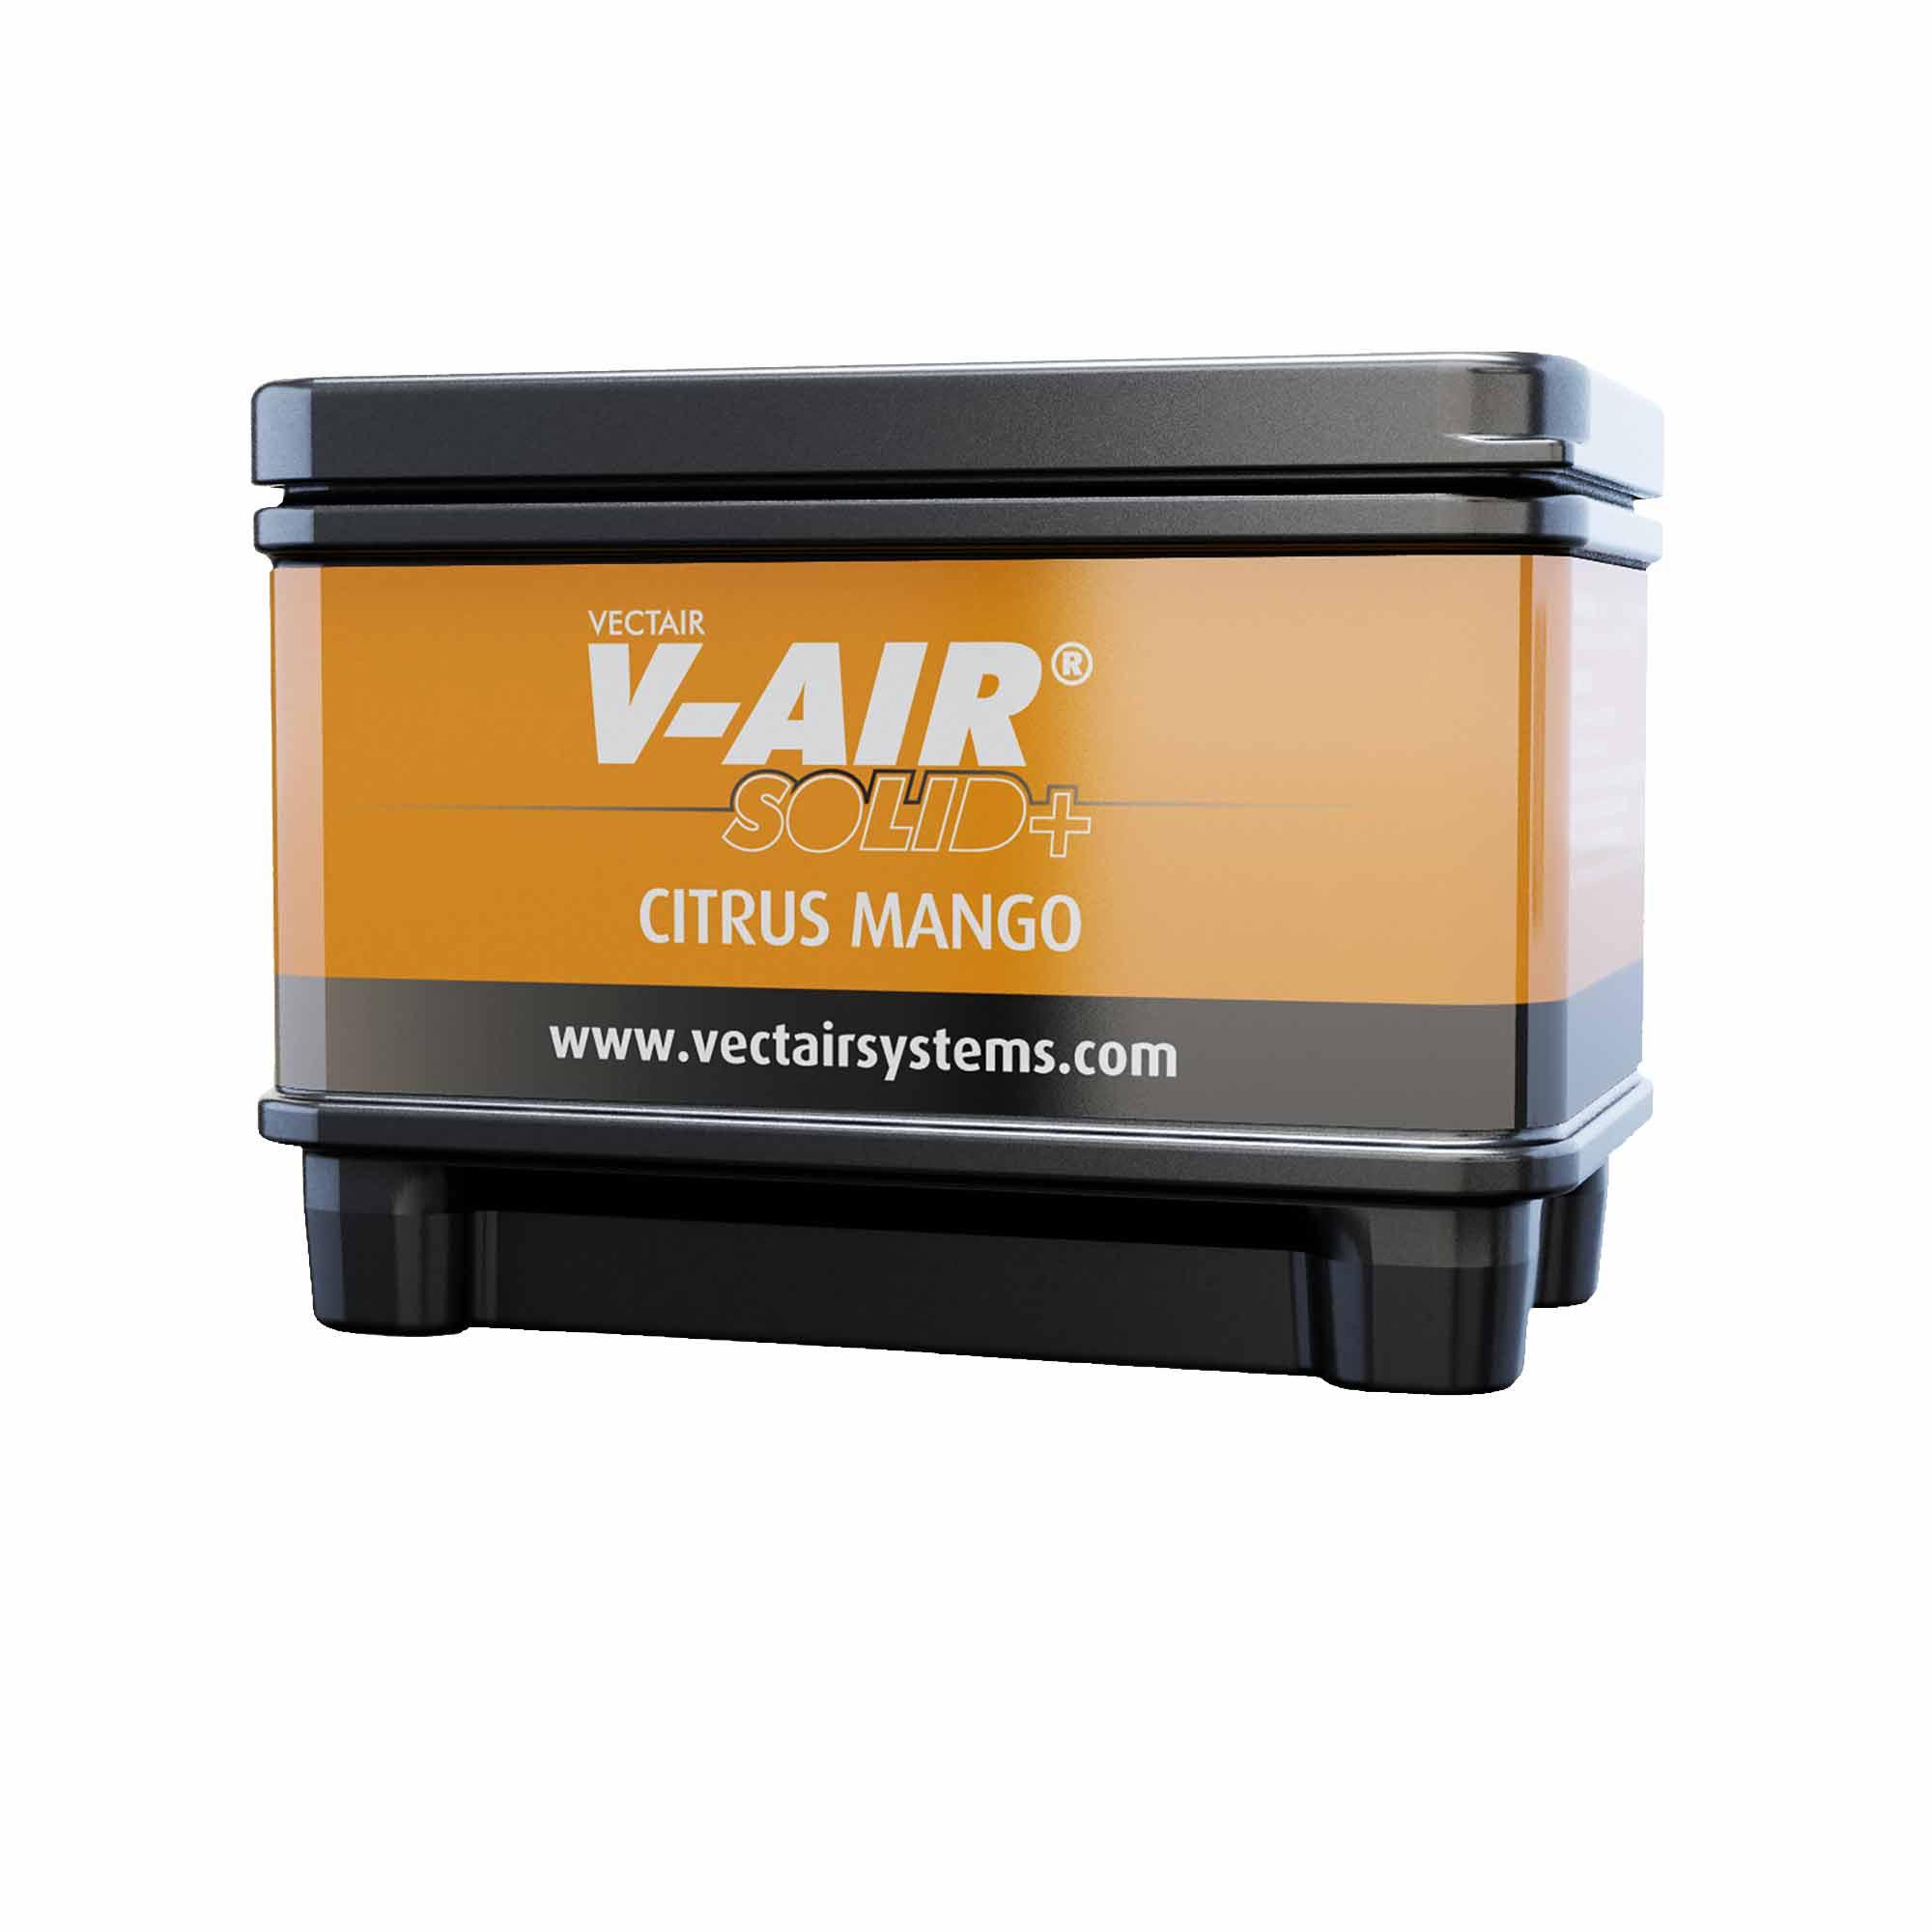 V-Air SOLID Plus Citrus Mango